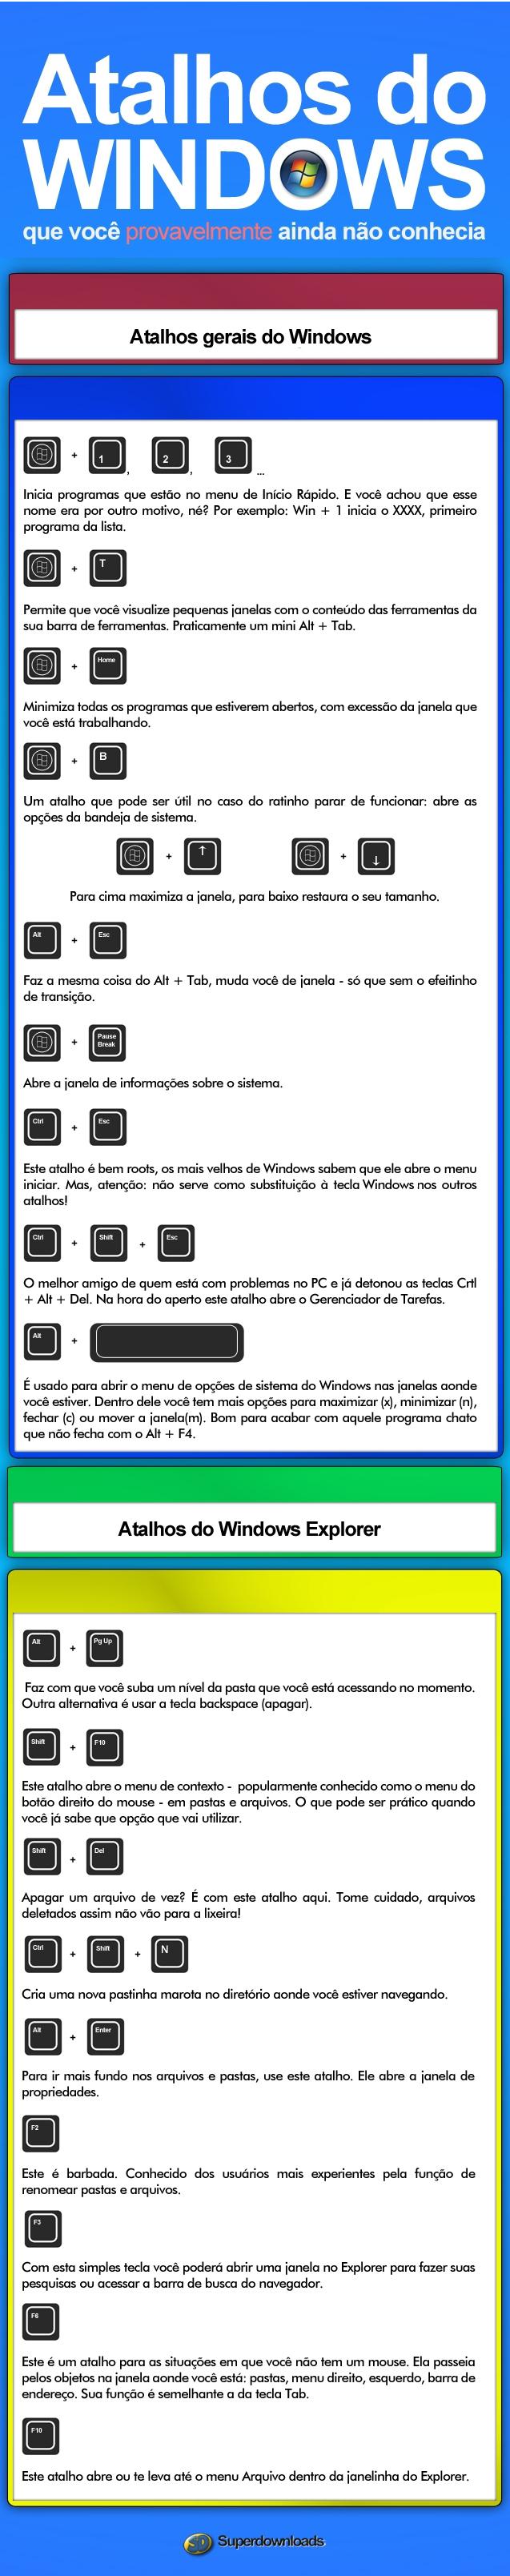 Alguns Atalhos do Windows que Provavelmente Você Não Conhecia Infografico_edit2